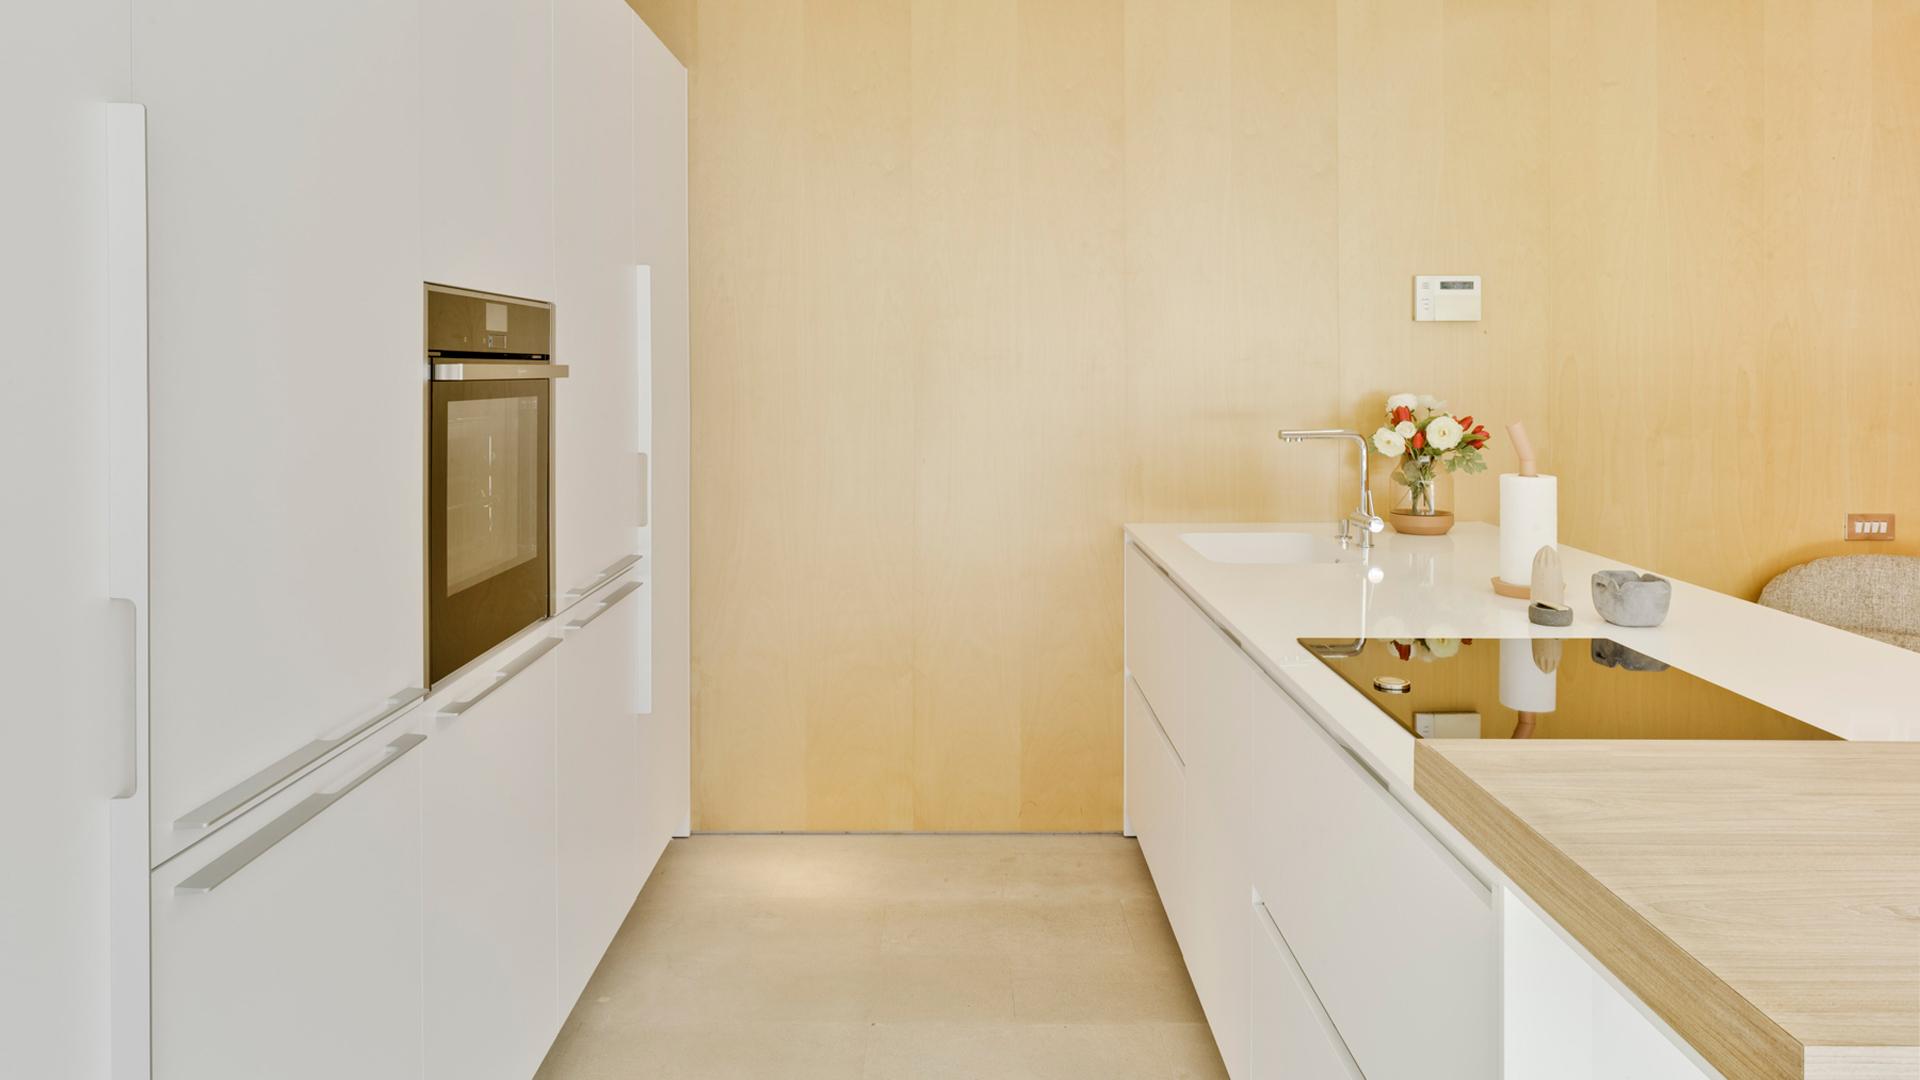 Misura Studio, nueva tienda de cocinas Santos en Alicante - Santos